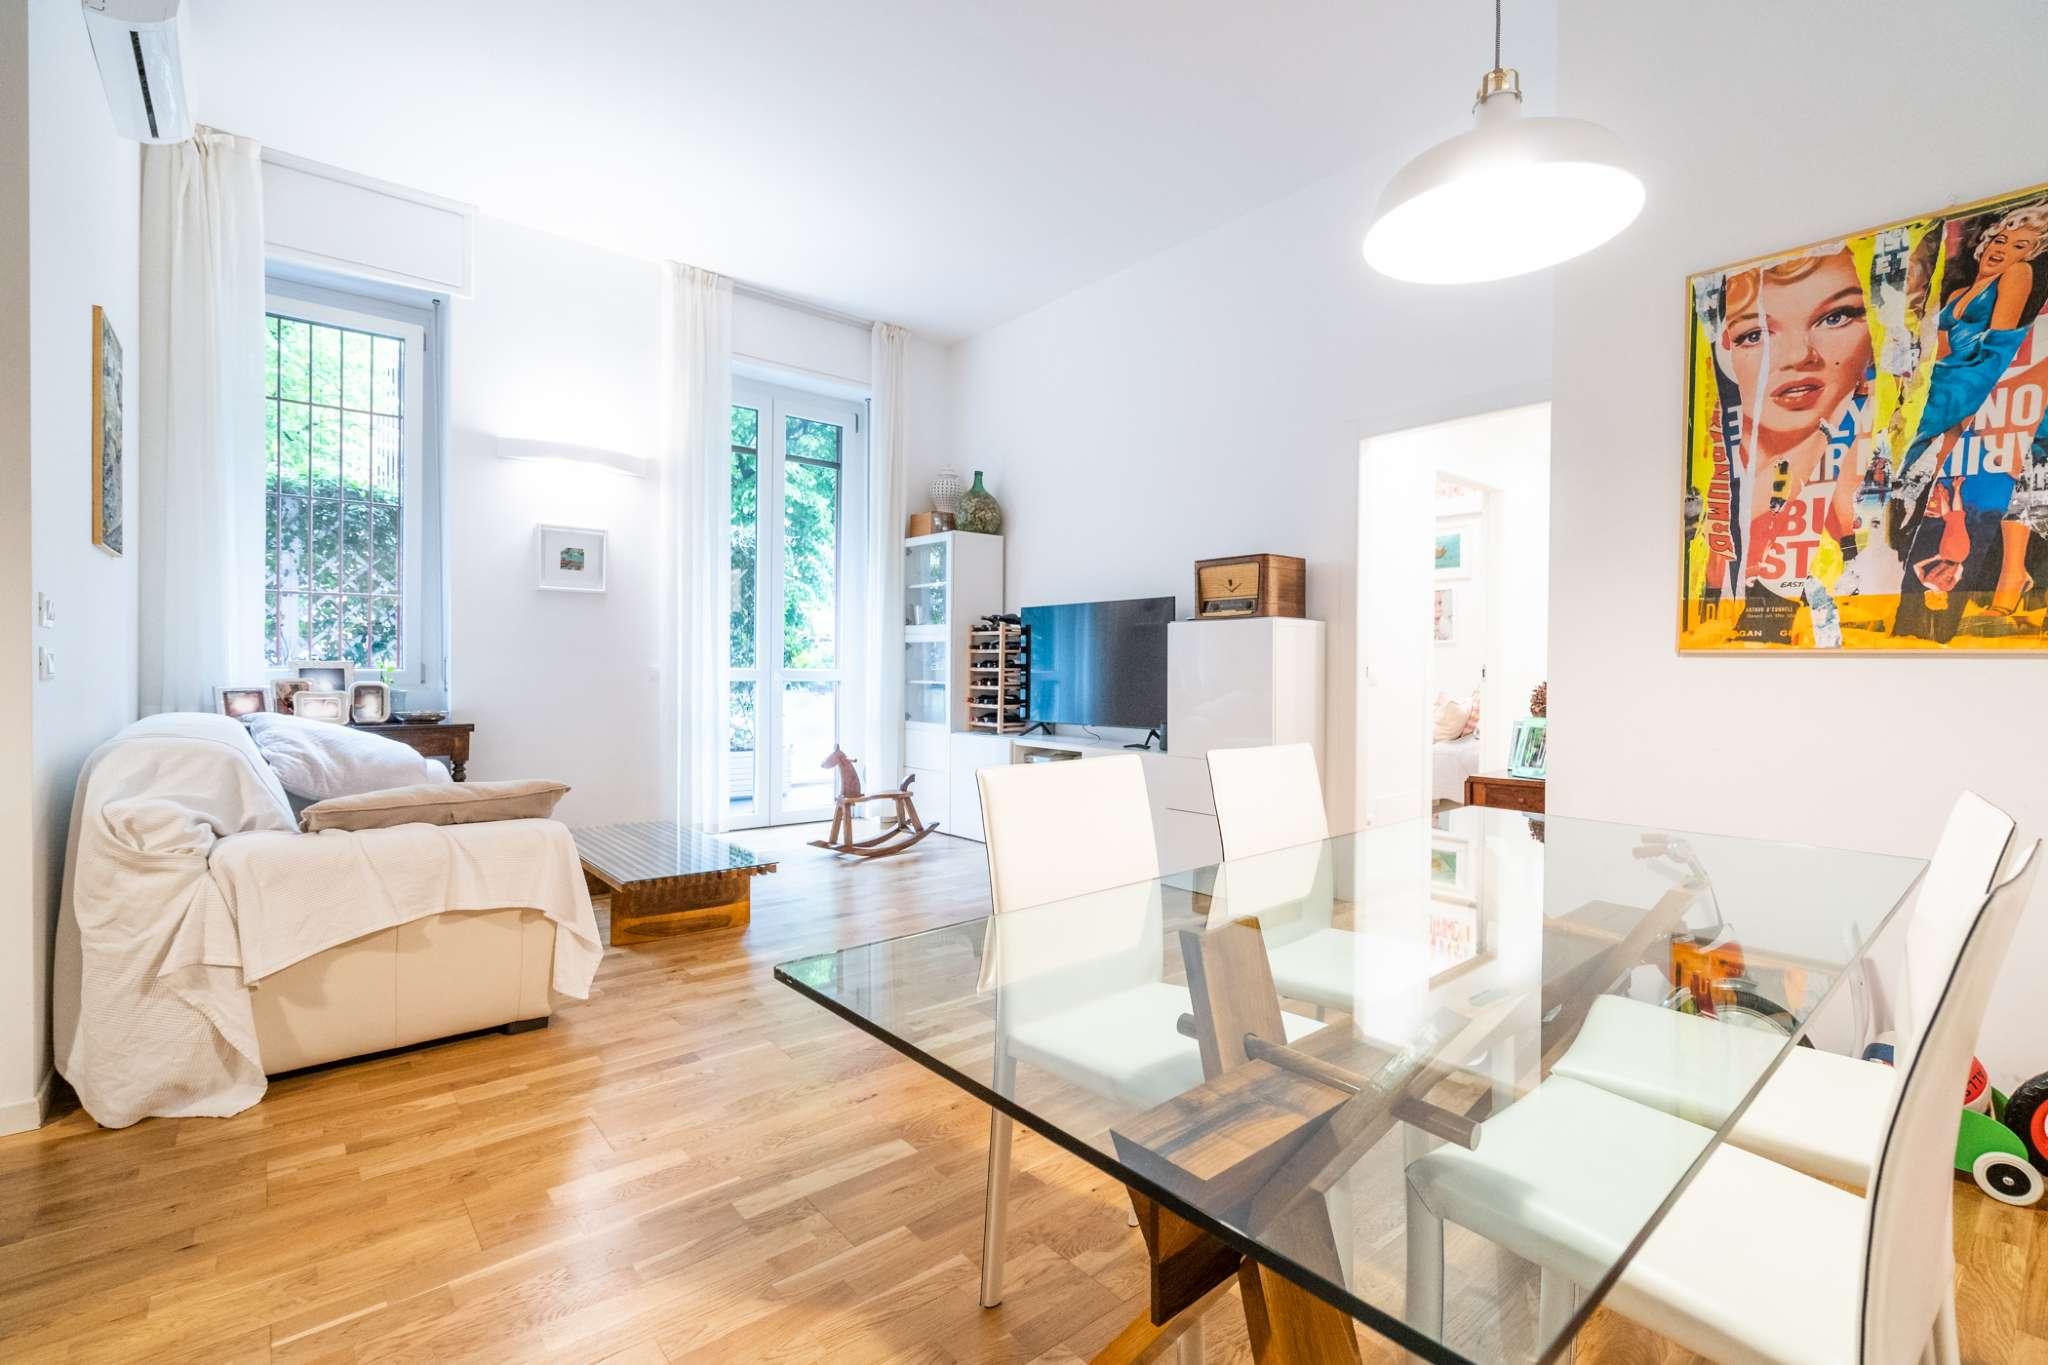 Appartamento in vendita a Segrate, 3 locali, prezzo € 340.000 | PortaleAgenzieImmobiliari.it